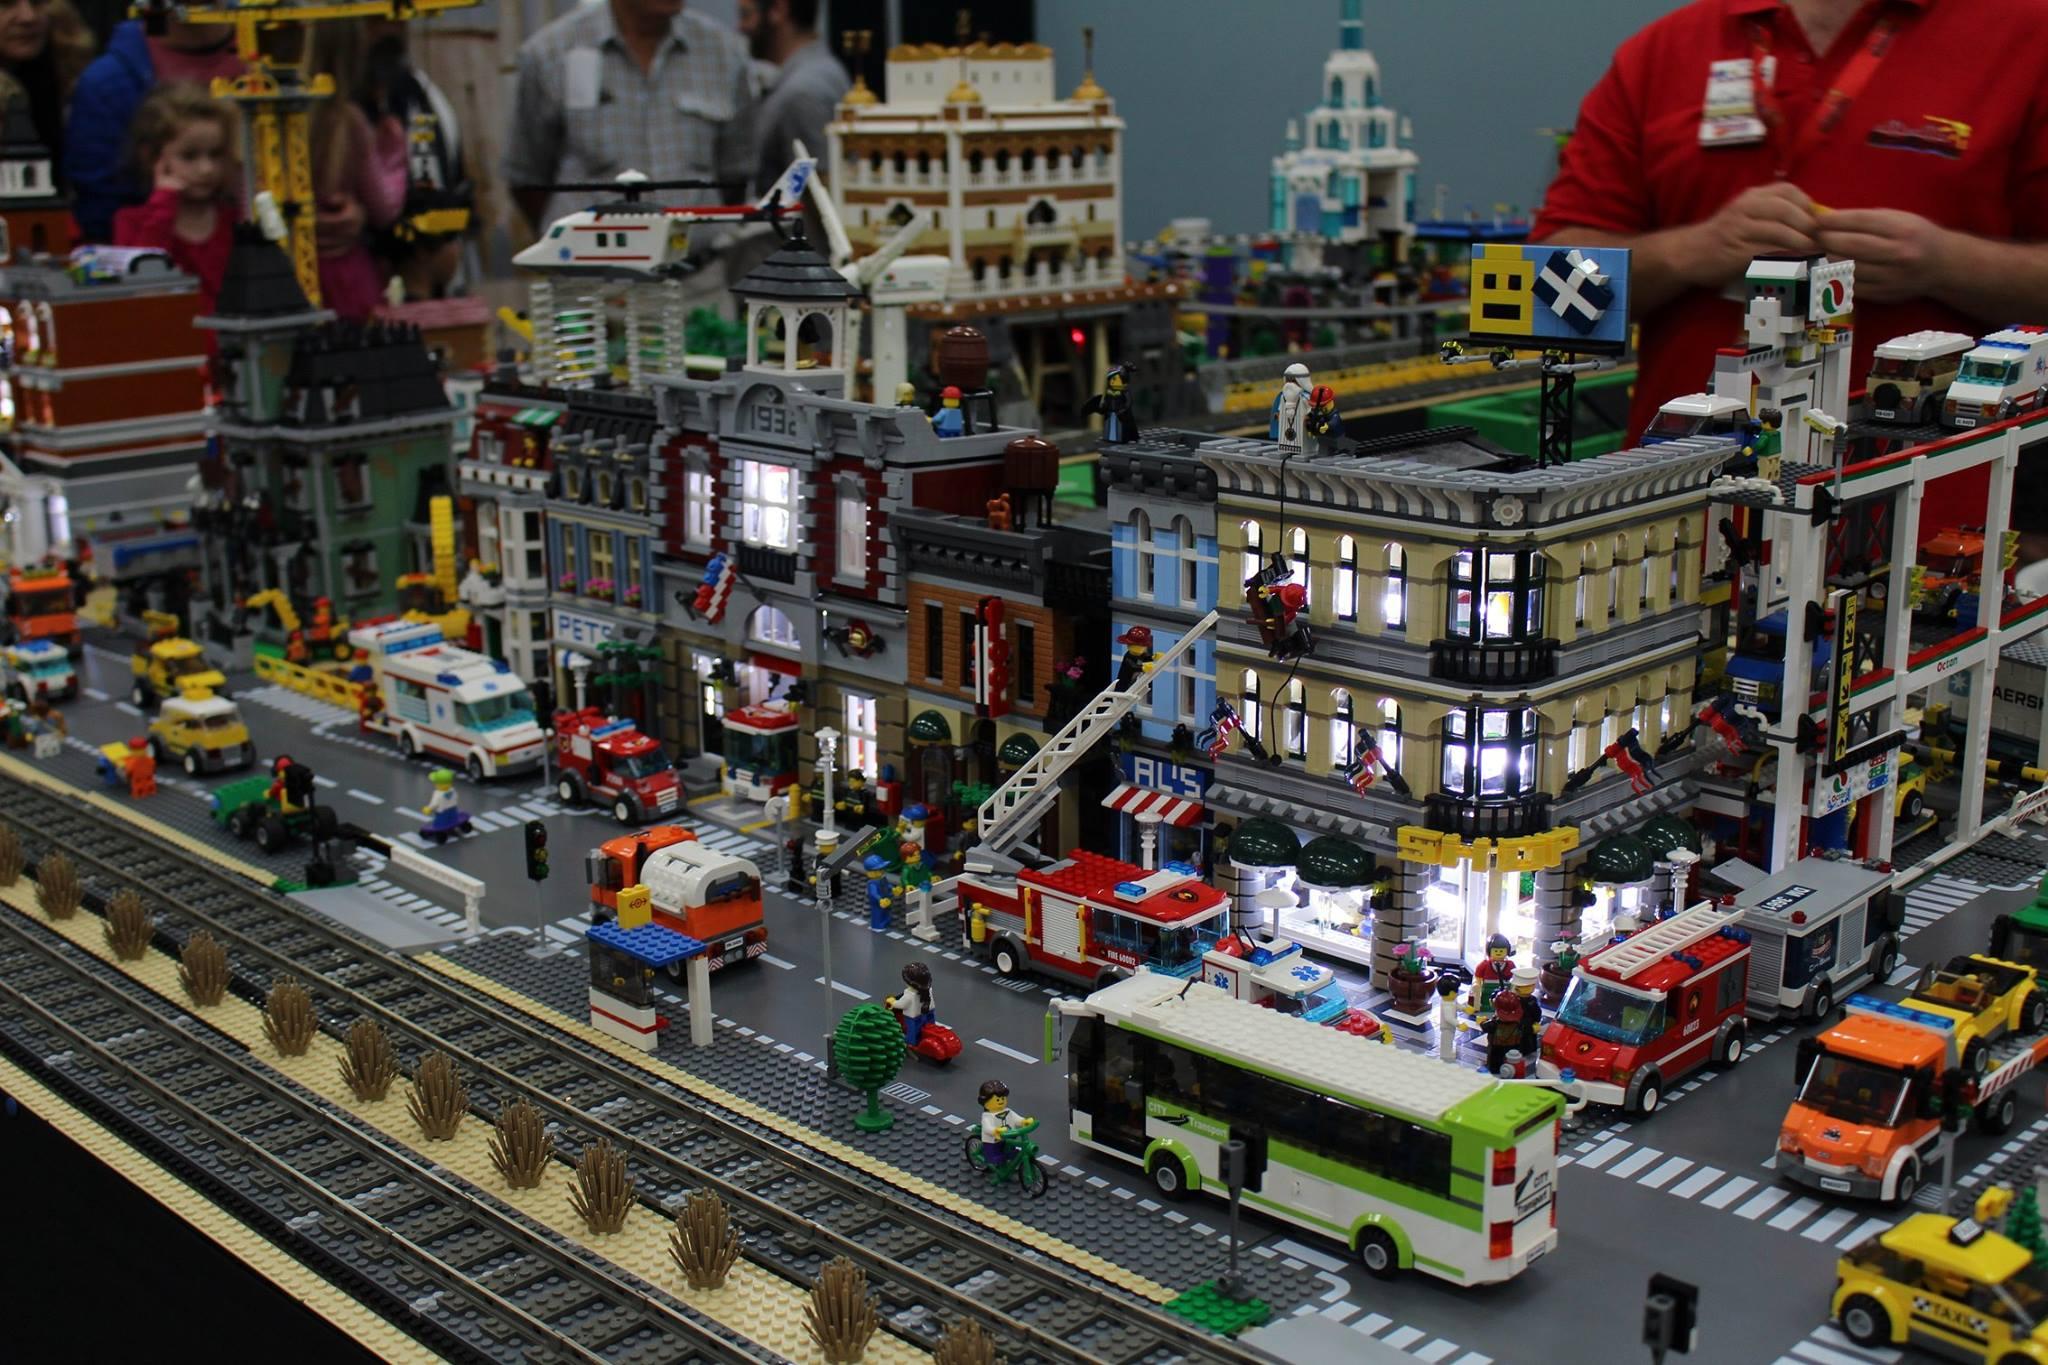 Brisbricks Brisbane Lego 174 Fan Expo 2017 Chandler